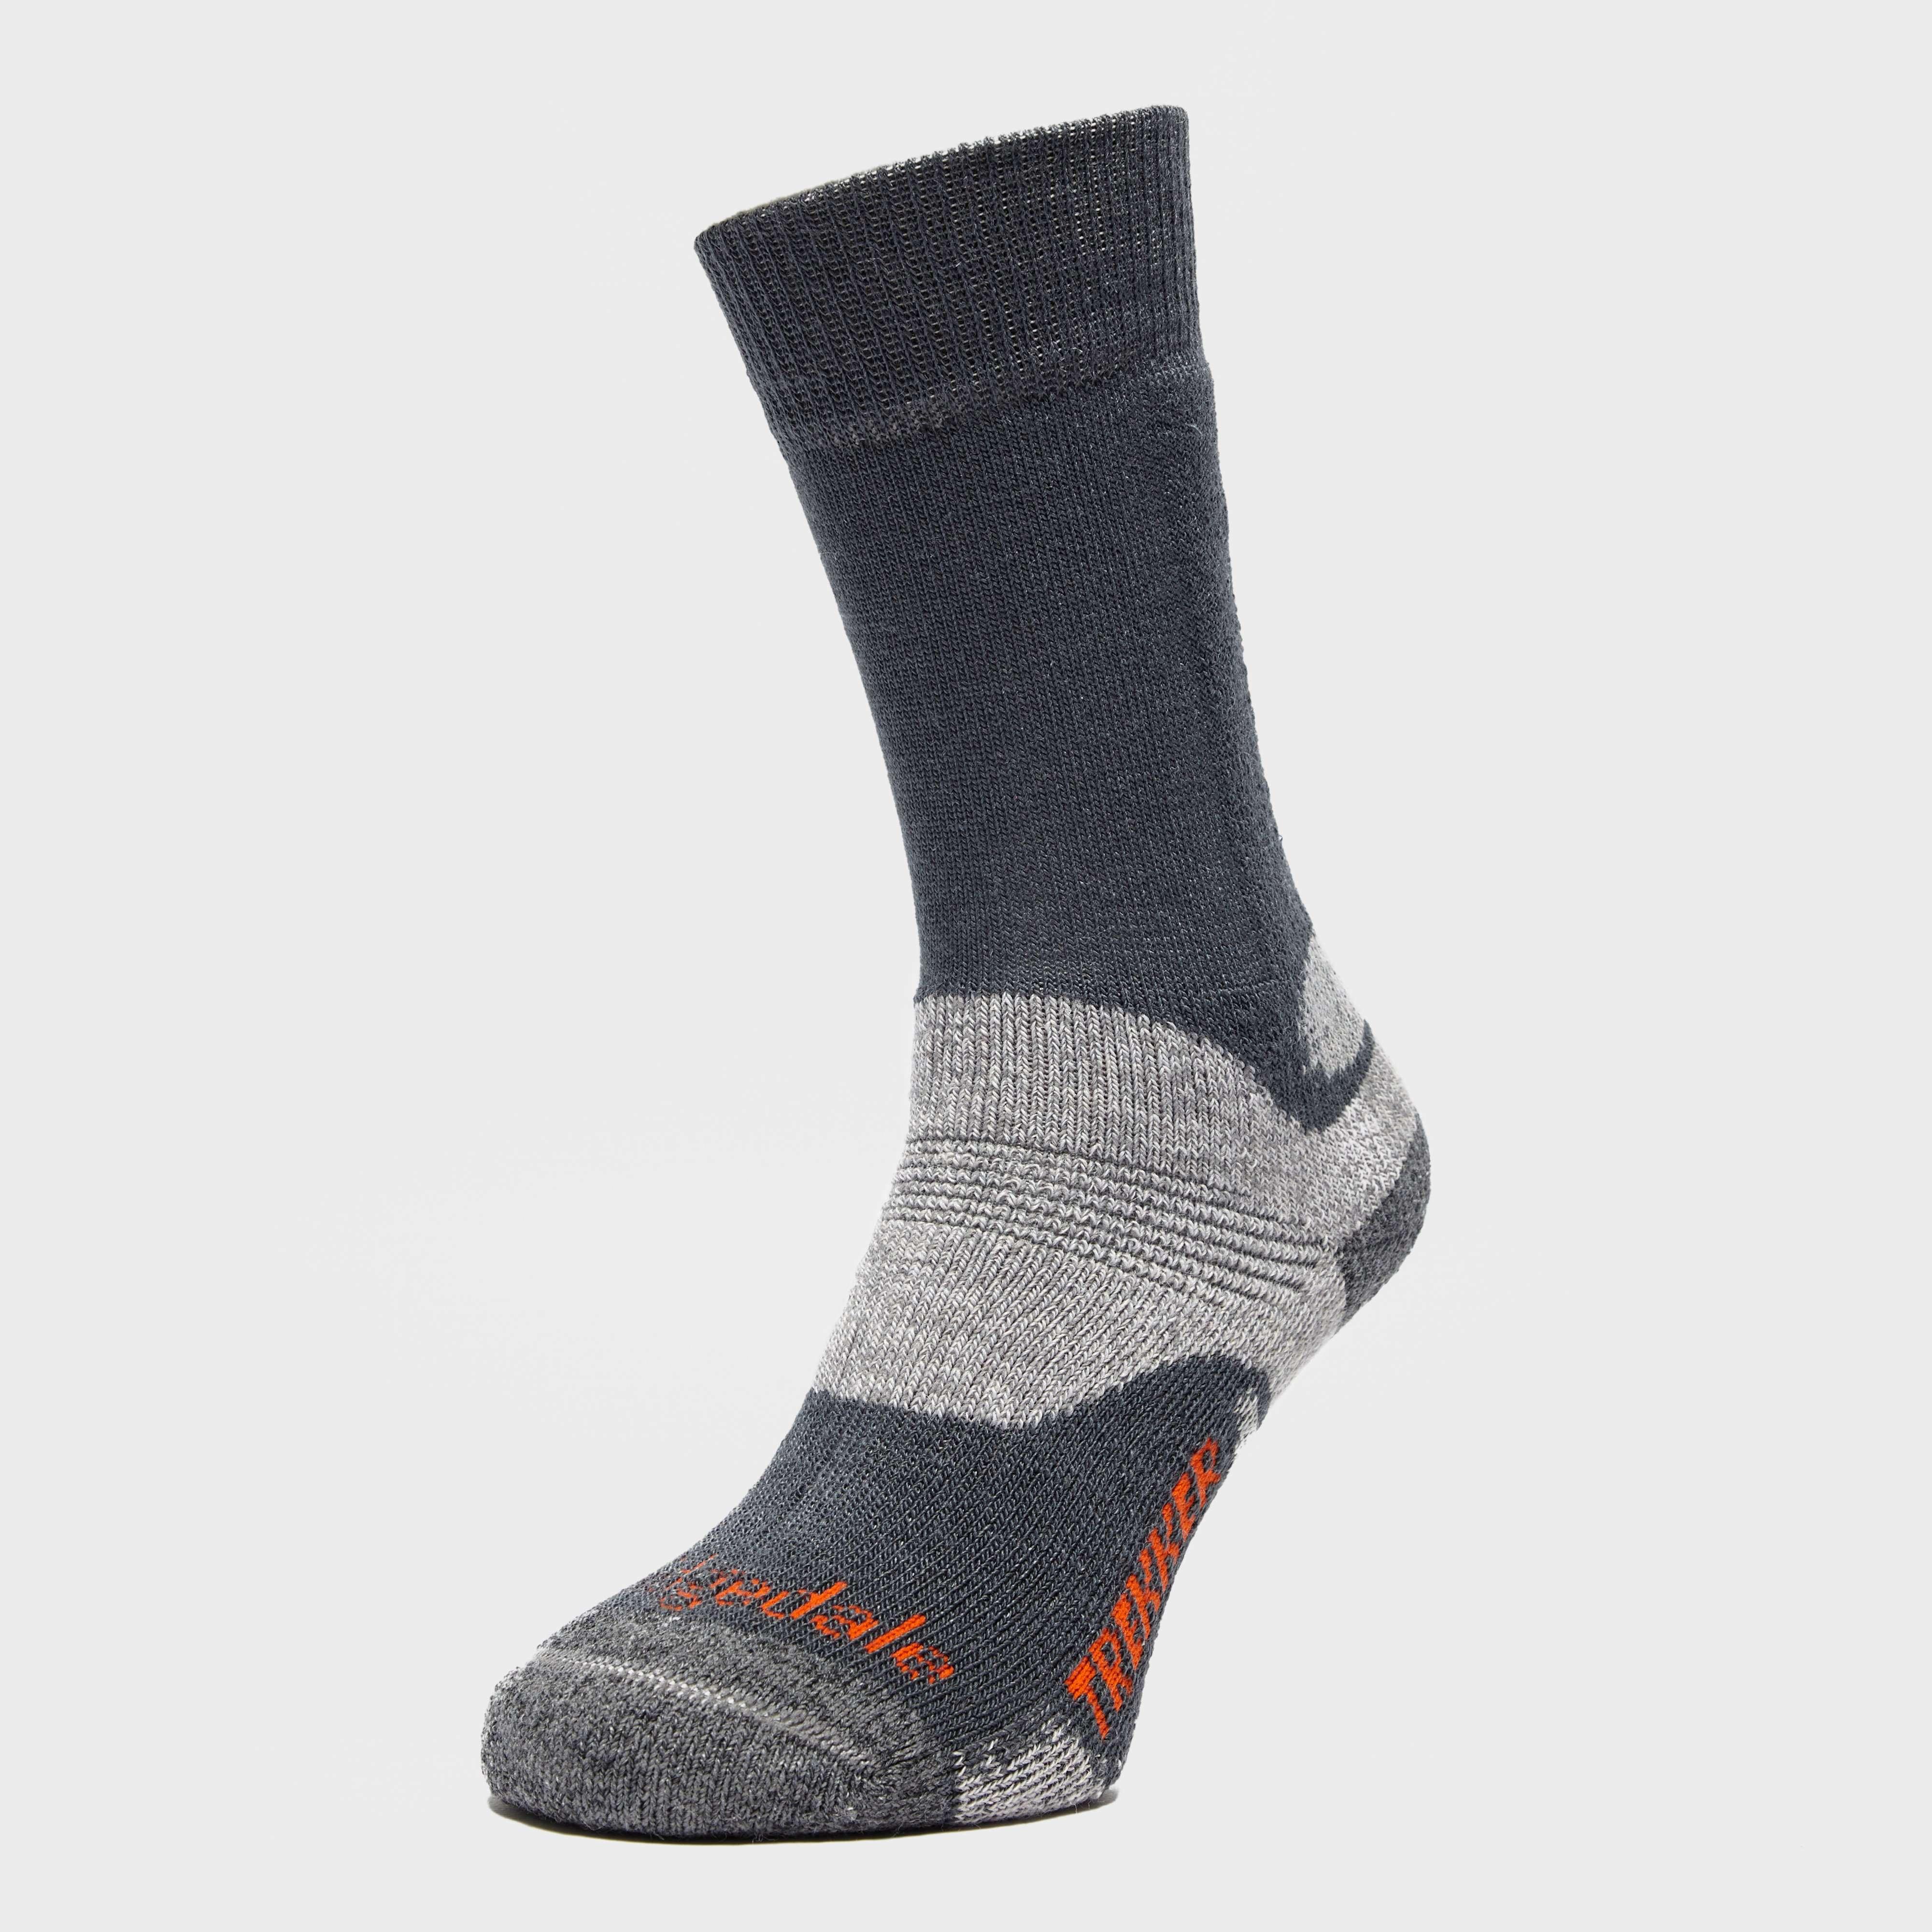 BRIDGEDALE Men's Woolfusion® Trekker CuPED® Socks